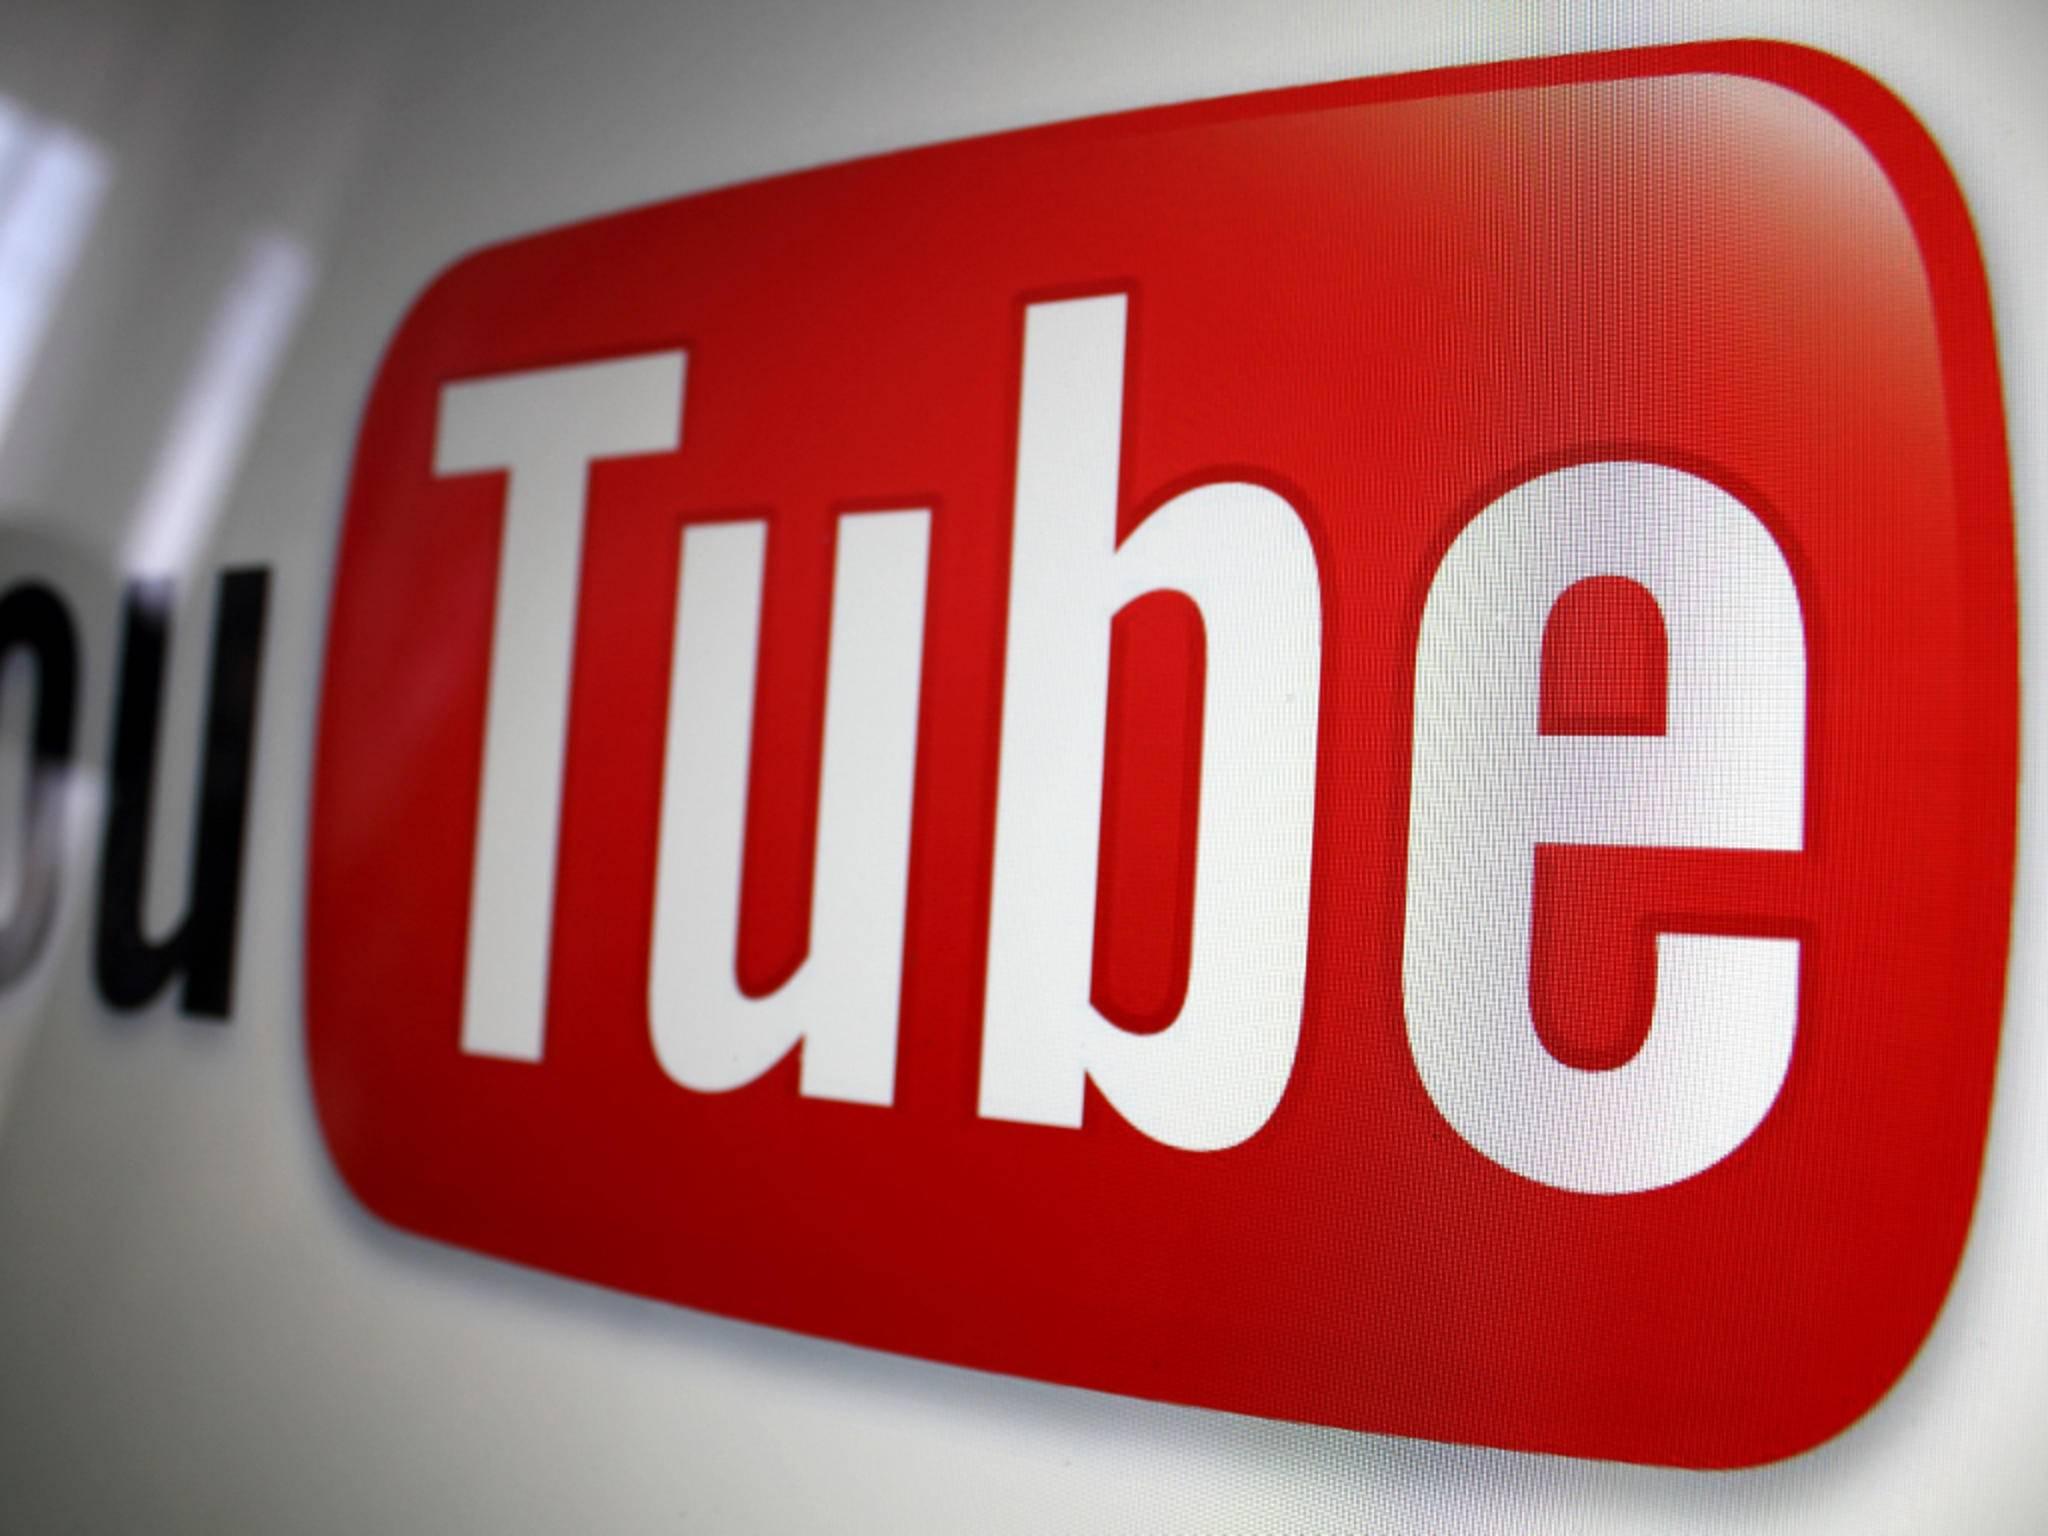 Deutsche YouTube-Nutzer können nun fast alle Musikvideos sehen, die früher gesperrt waren.